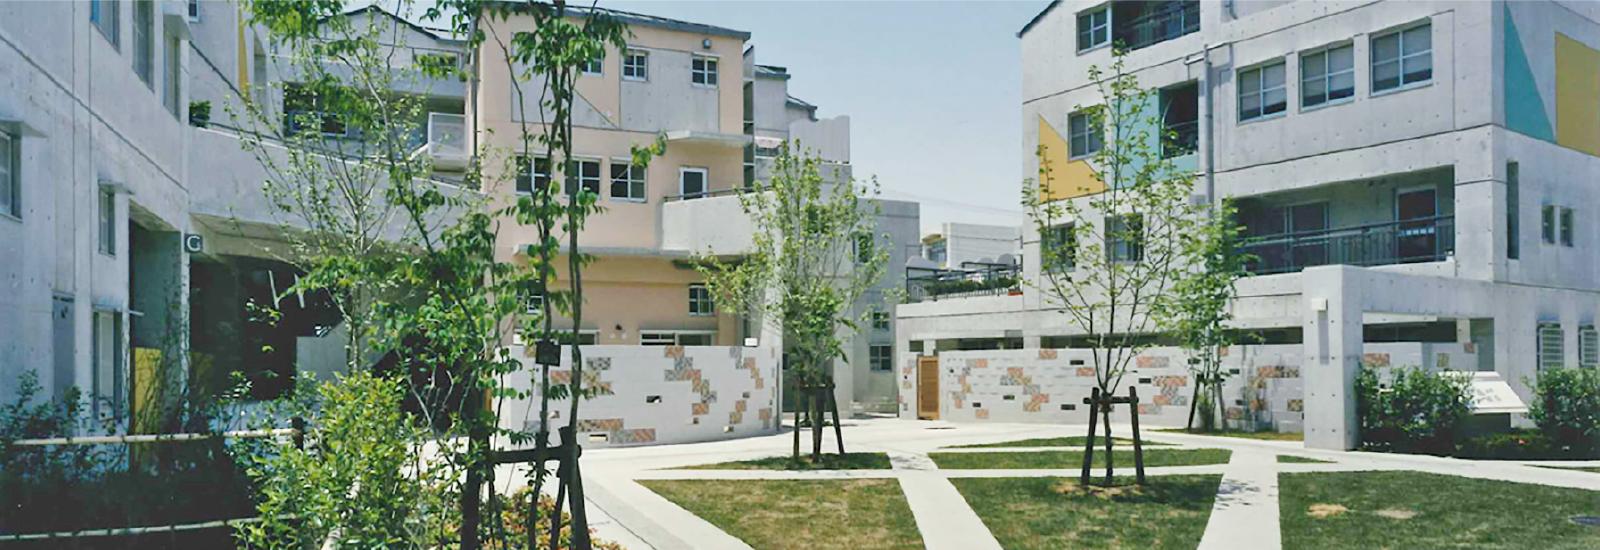 住み手が主役のすまいづくり コープタウン「アーサヒルズ」コープラティブ住宅プロジェクト 神戸市西区